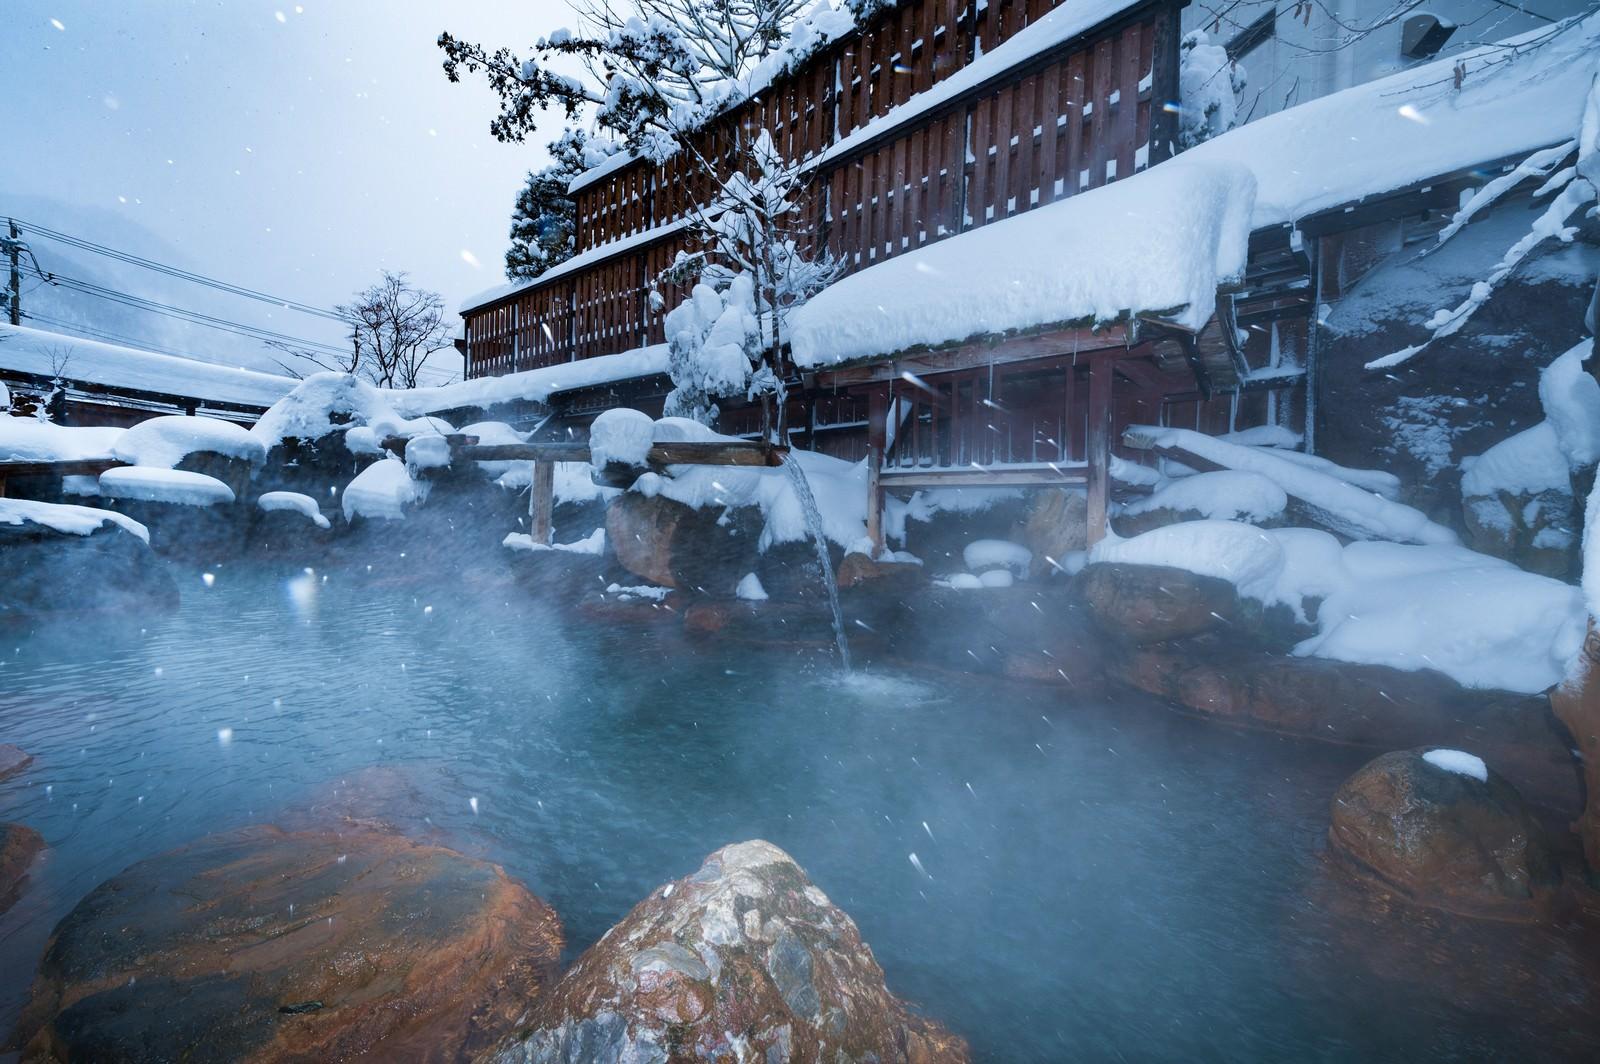 「凍えるほどの雪だからこそ感じる源泉かけ流しの露天風呂の魅力」の写真